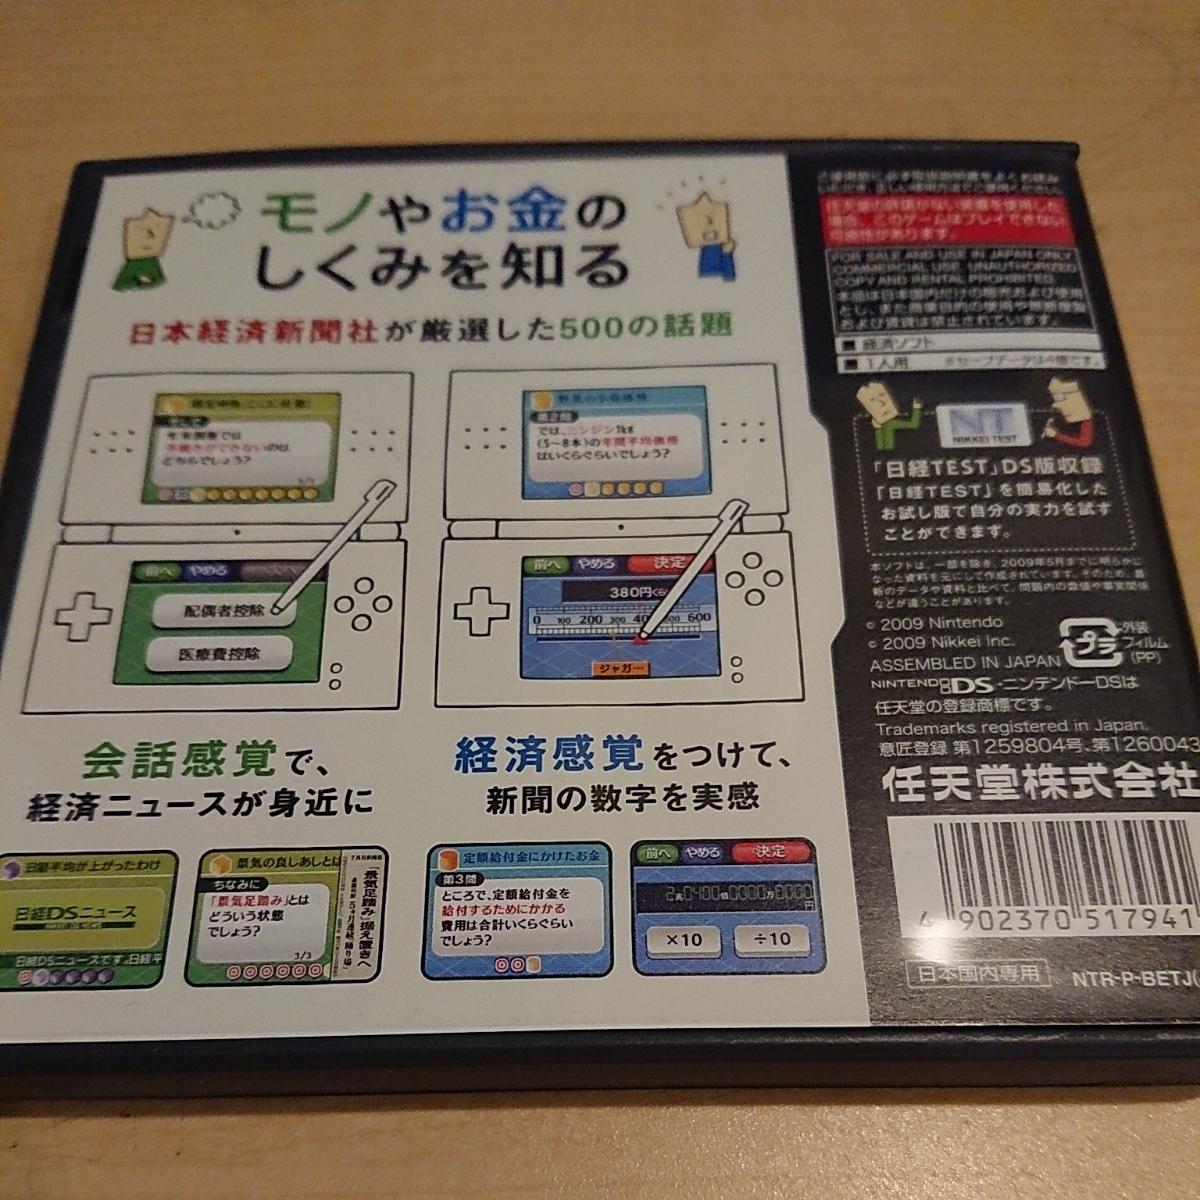 日本経済新聞社監修 知らないままでは損をする「モノやお金のしくみ」DS 美品 送料164円_画像2